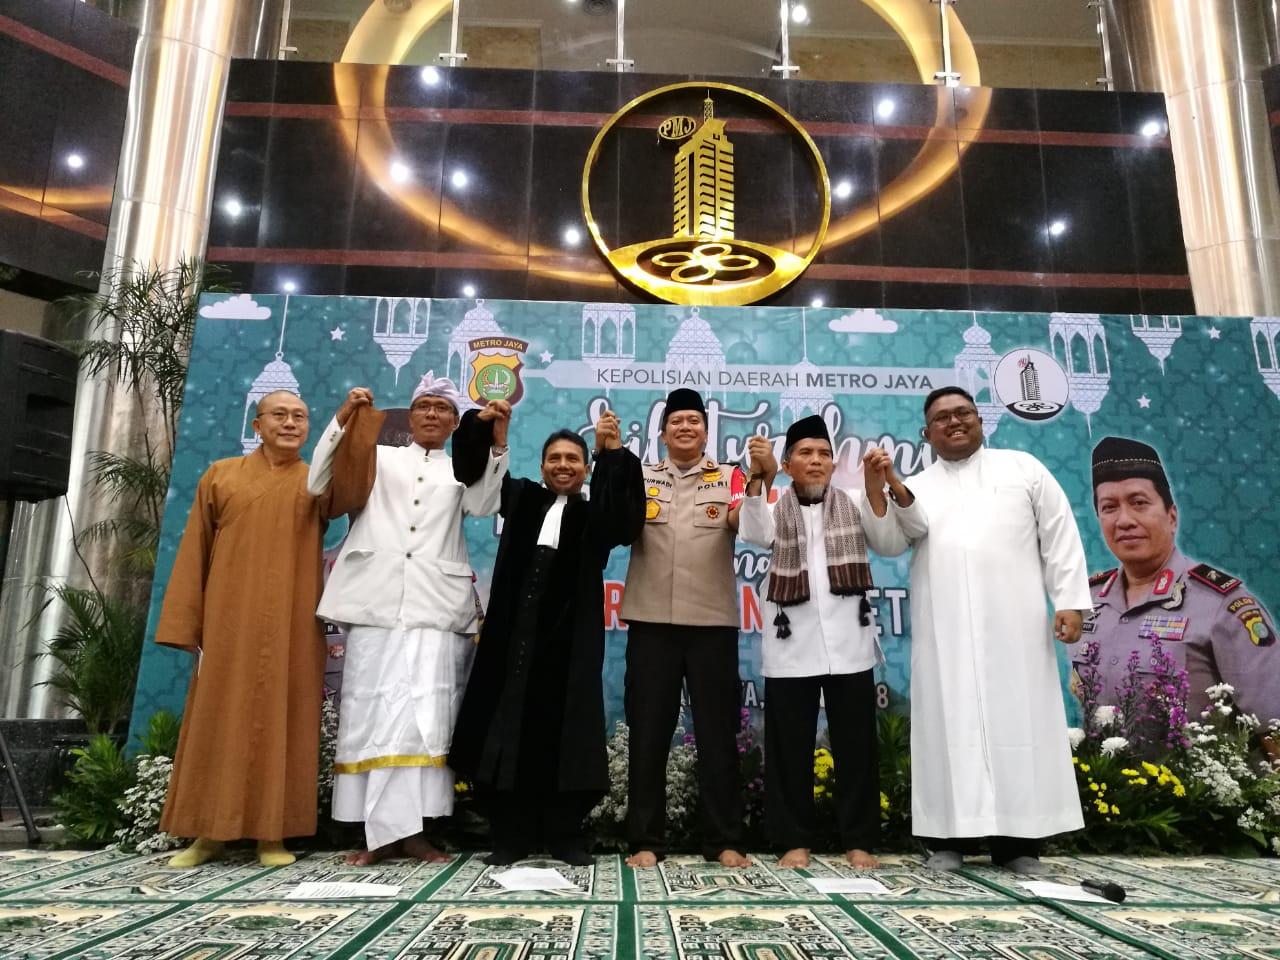 Kapolda, Polda Metro Jaya, HormatiPerbedaan, Toleransi, Media, Media Massa